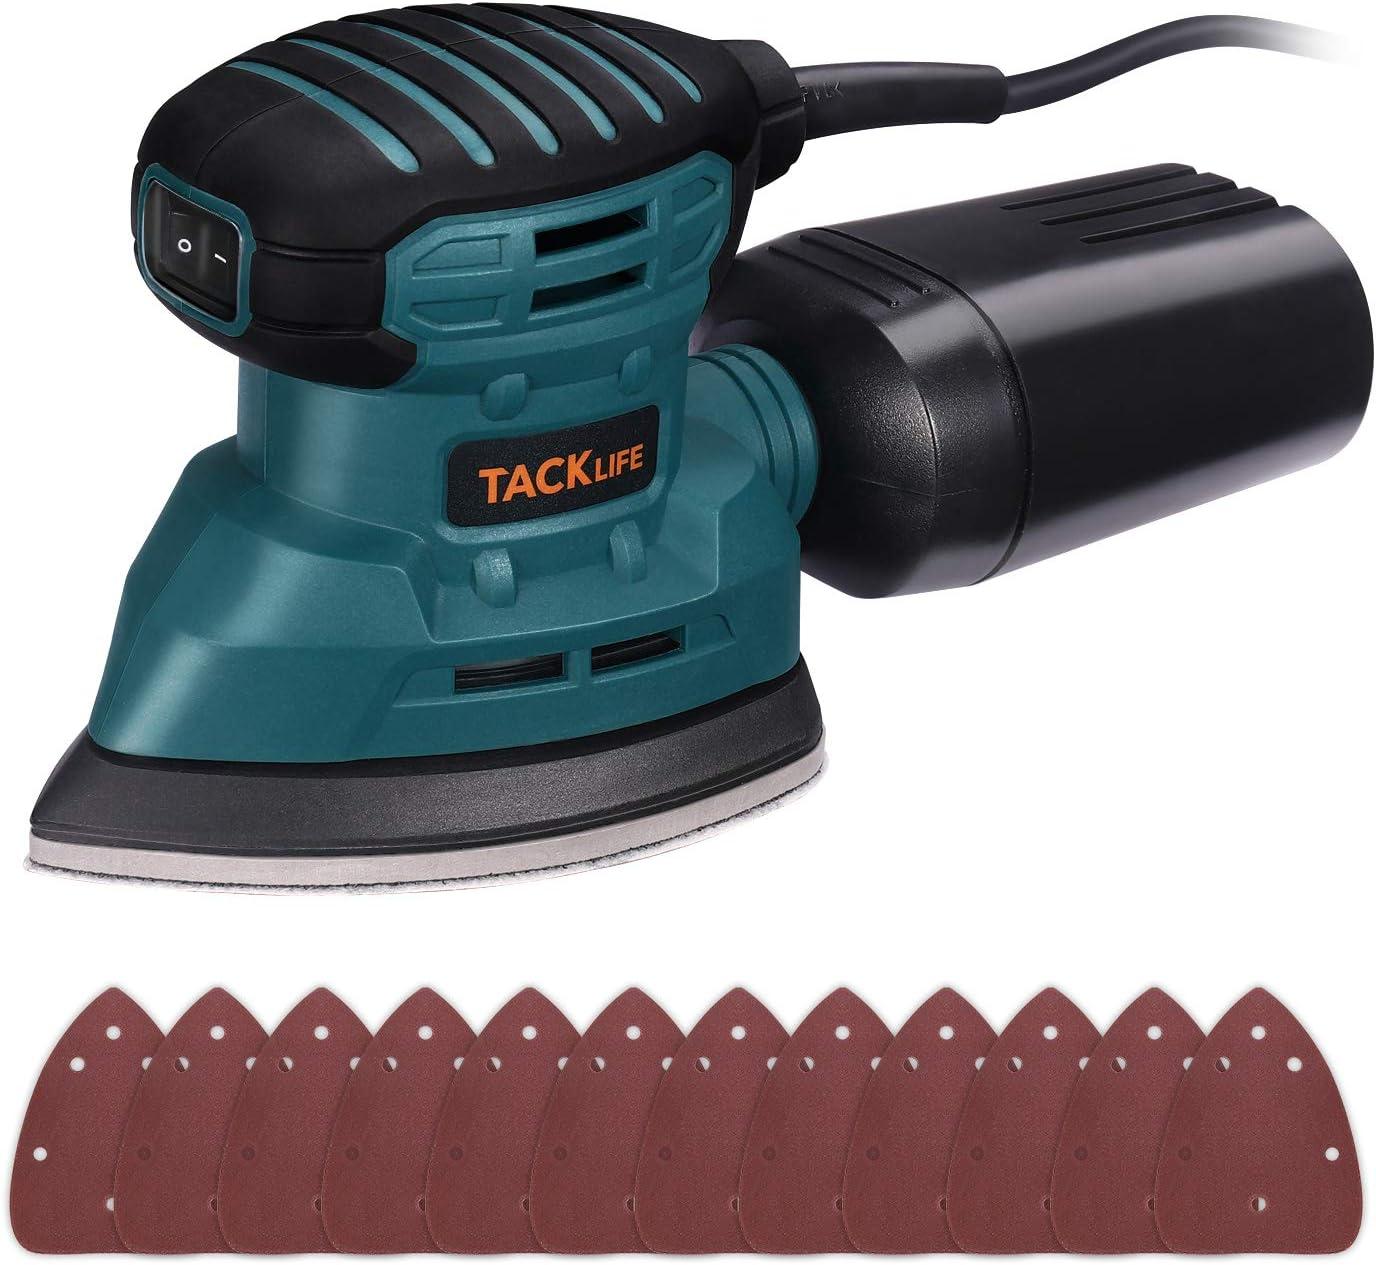 TACKLIFE Lijadora Eléctrica, 12000RPM 130W con Recogida de Polvo, Conectada a Aspiradora de 35mm, Interruptor a Prueba de Polvo, 12 Lijas - PMS01AS: Amazon.es: Bricolaje y herramientas